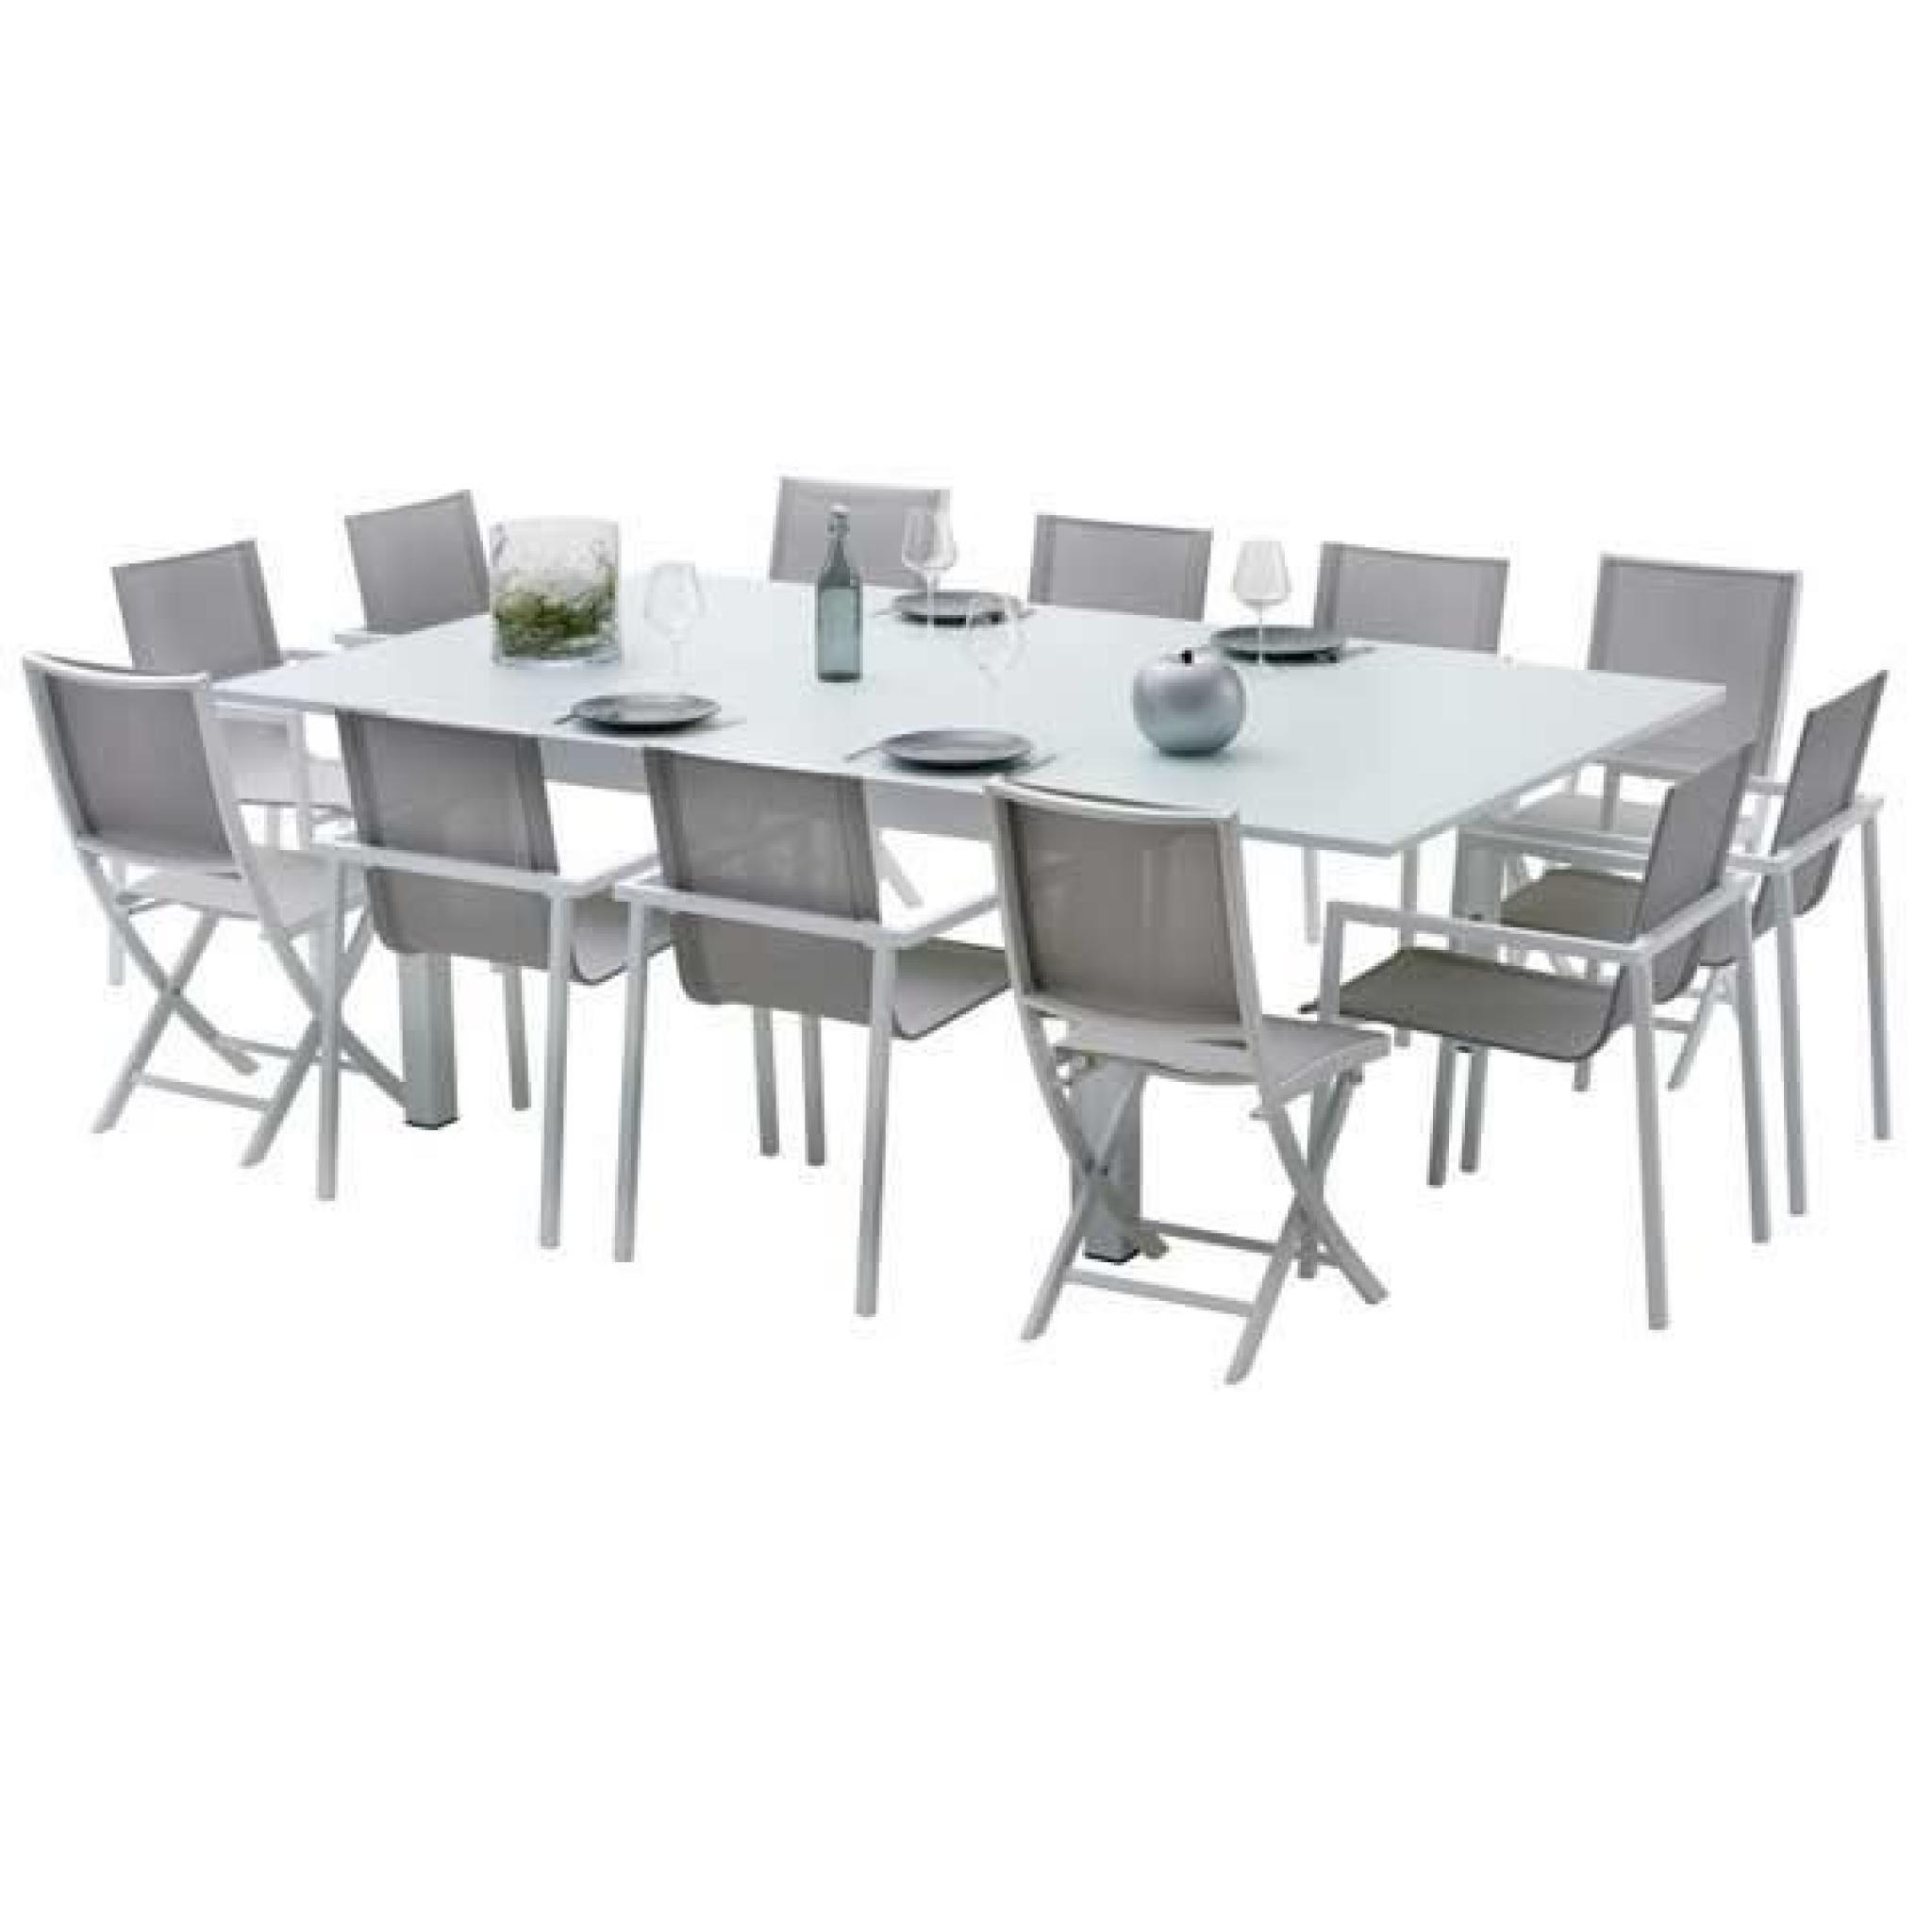 Ensemble Table Et Chaises De Jardin Extensibles Carre Whitestar 8 Places serapportantà Table Et Chaises De Jardin Pas Cher